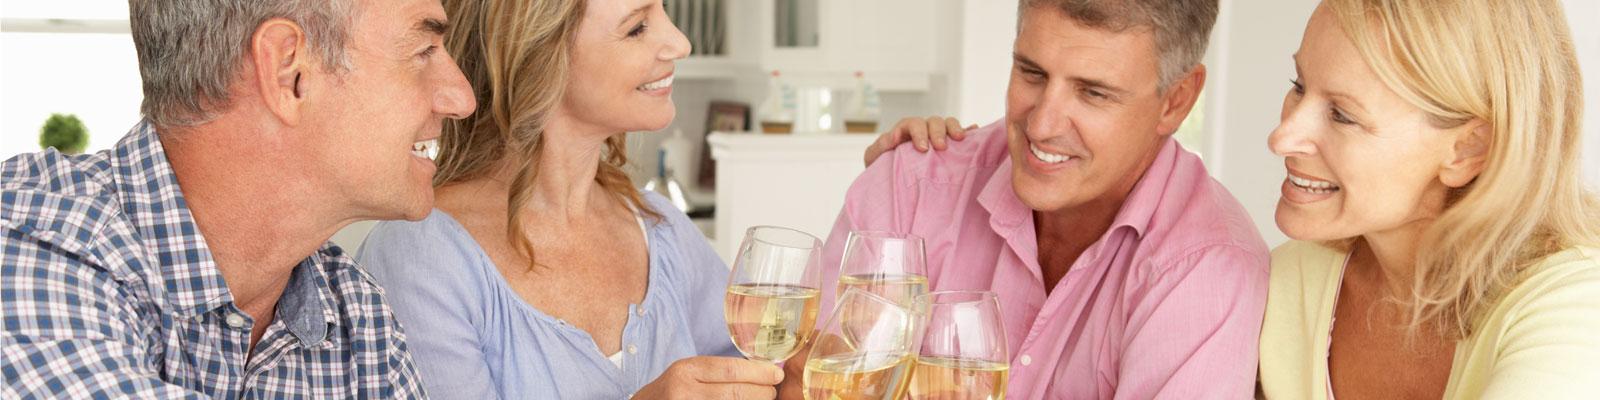 Das Weingut Burggarten Mosel ist jetzt auch in Sozialen Netzwerken wie Twitter und Facebook aktiv.